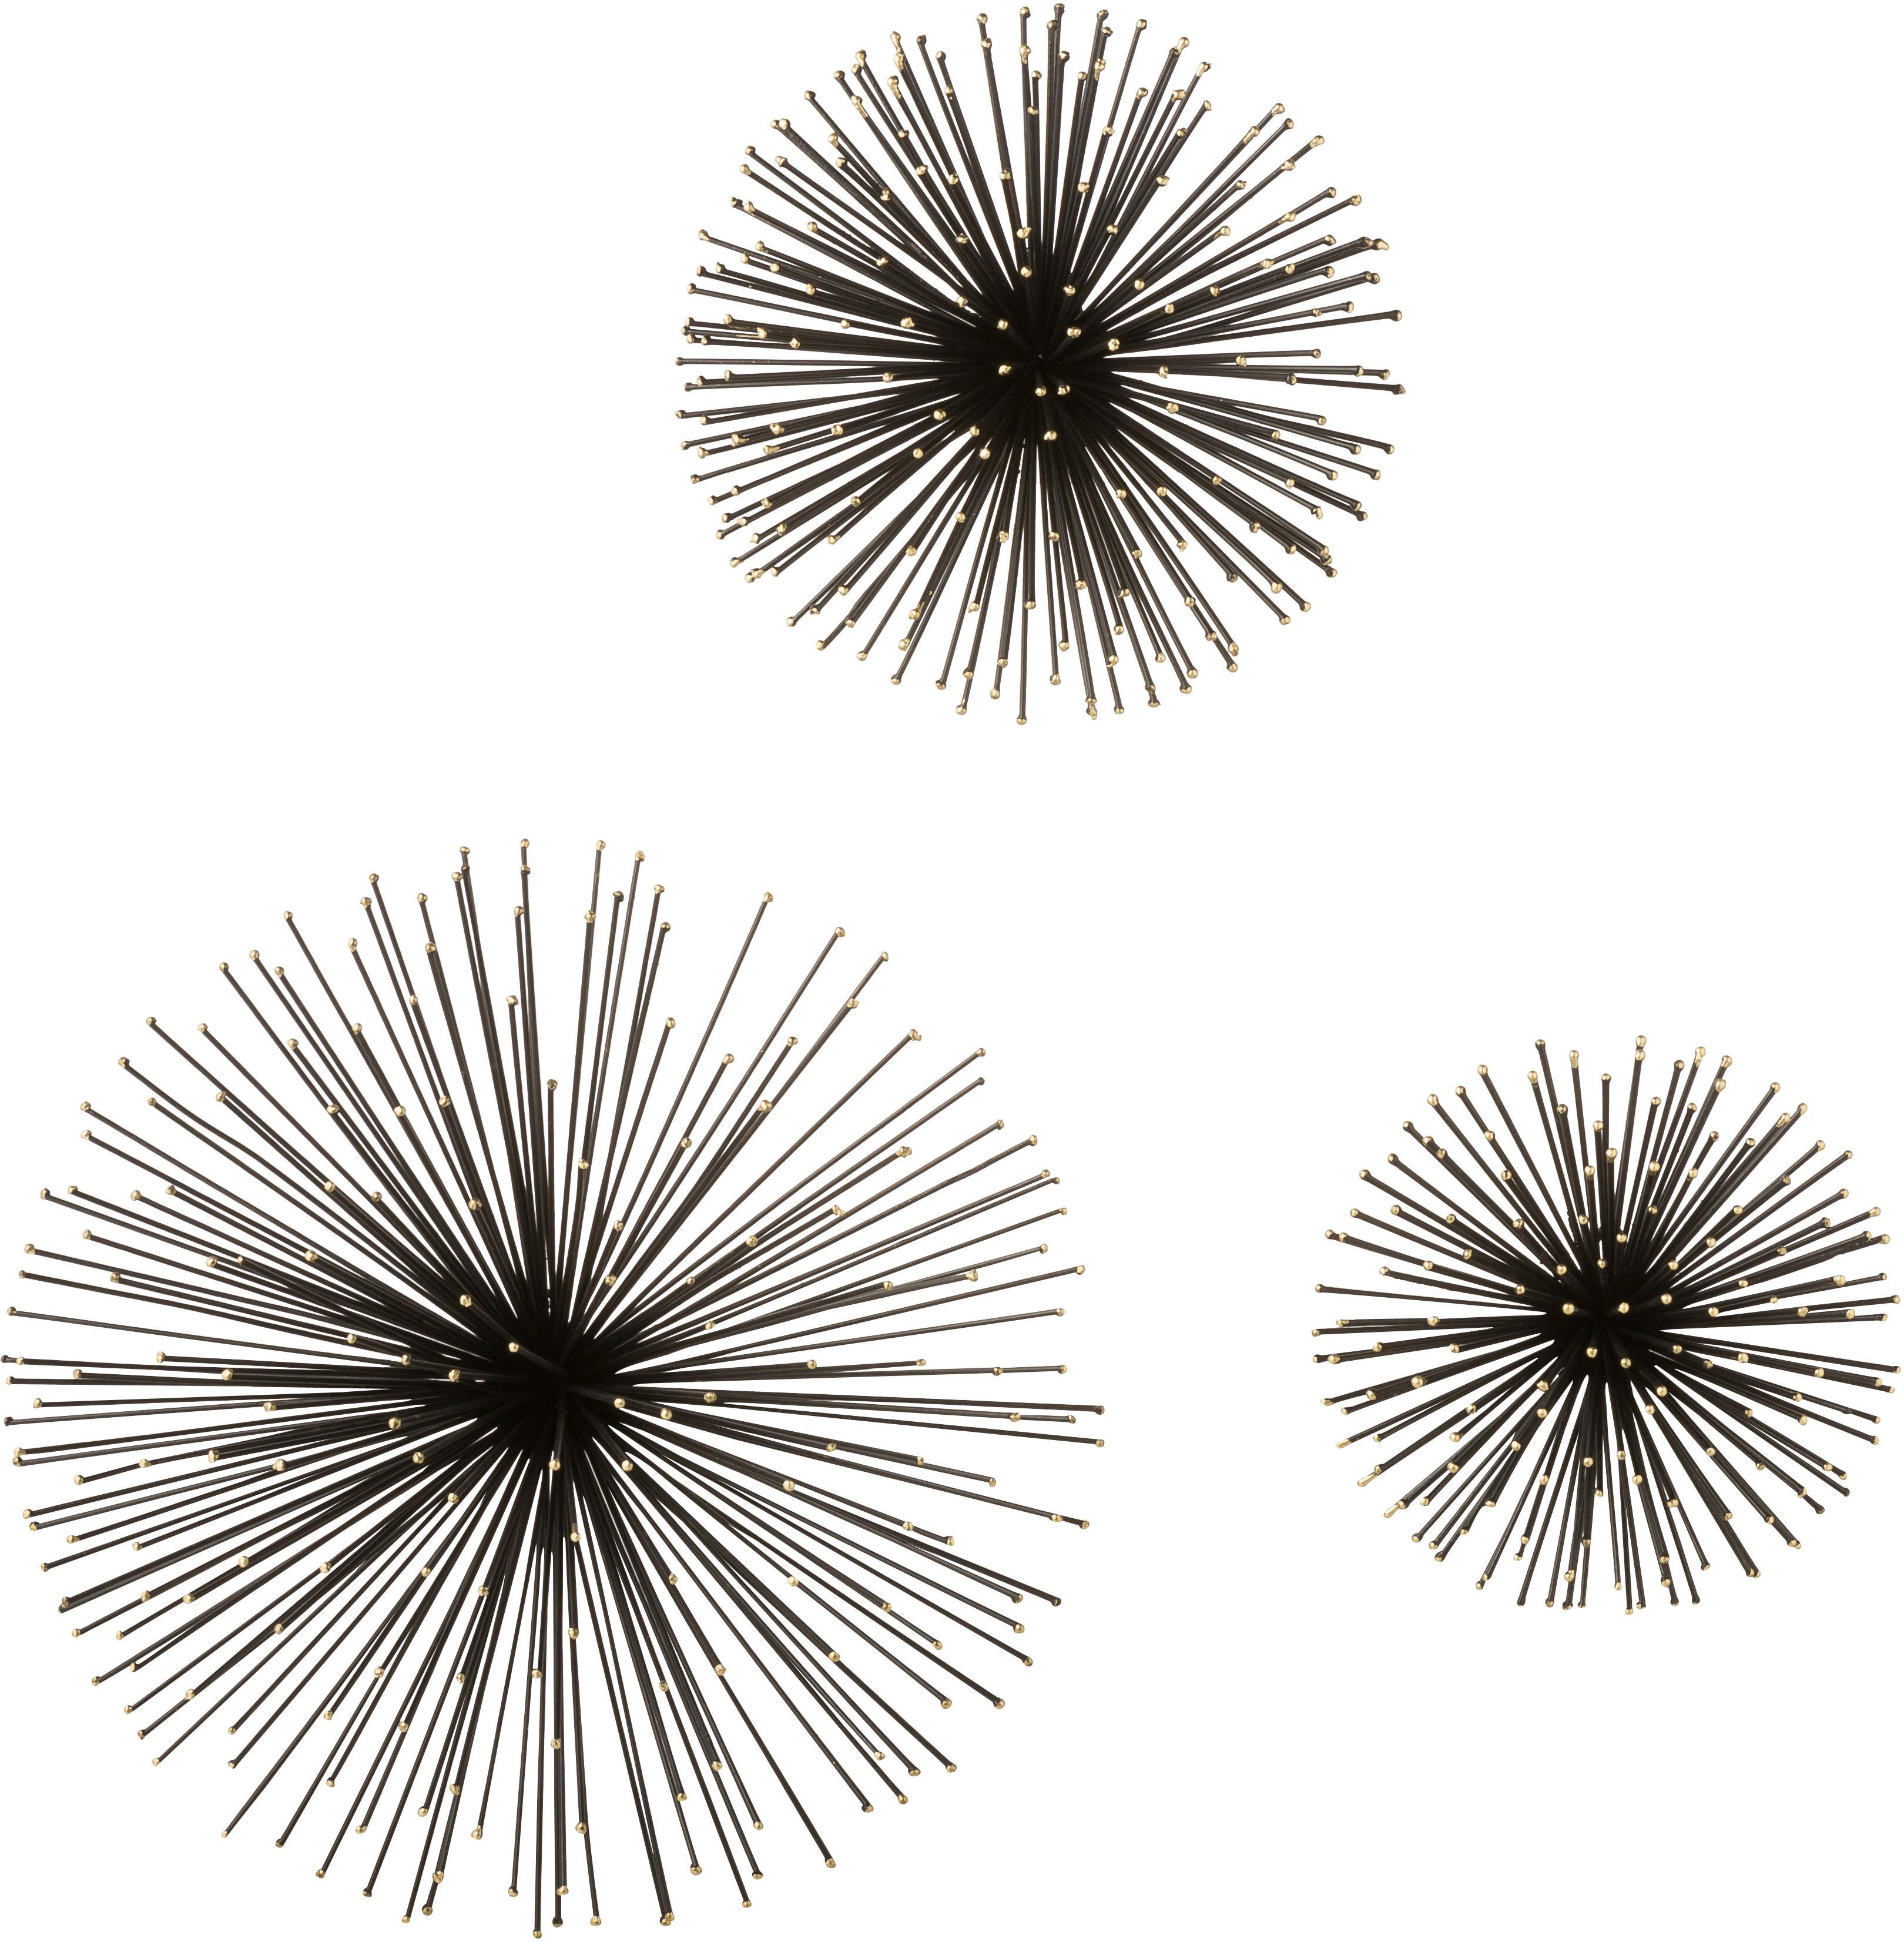 Wandobjectenset Spike, 3-delig, Metaal, Zwart, Set met verschillende formaten